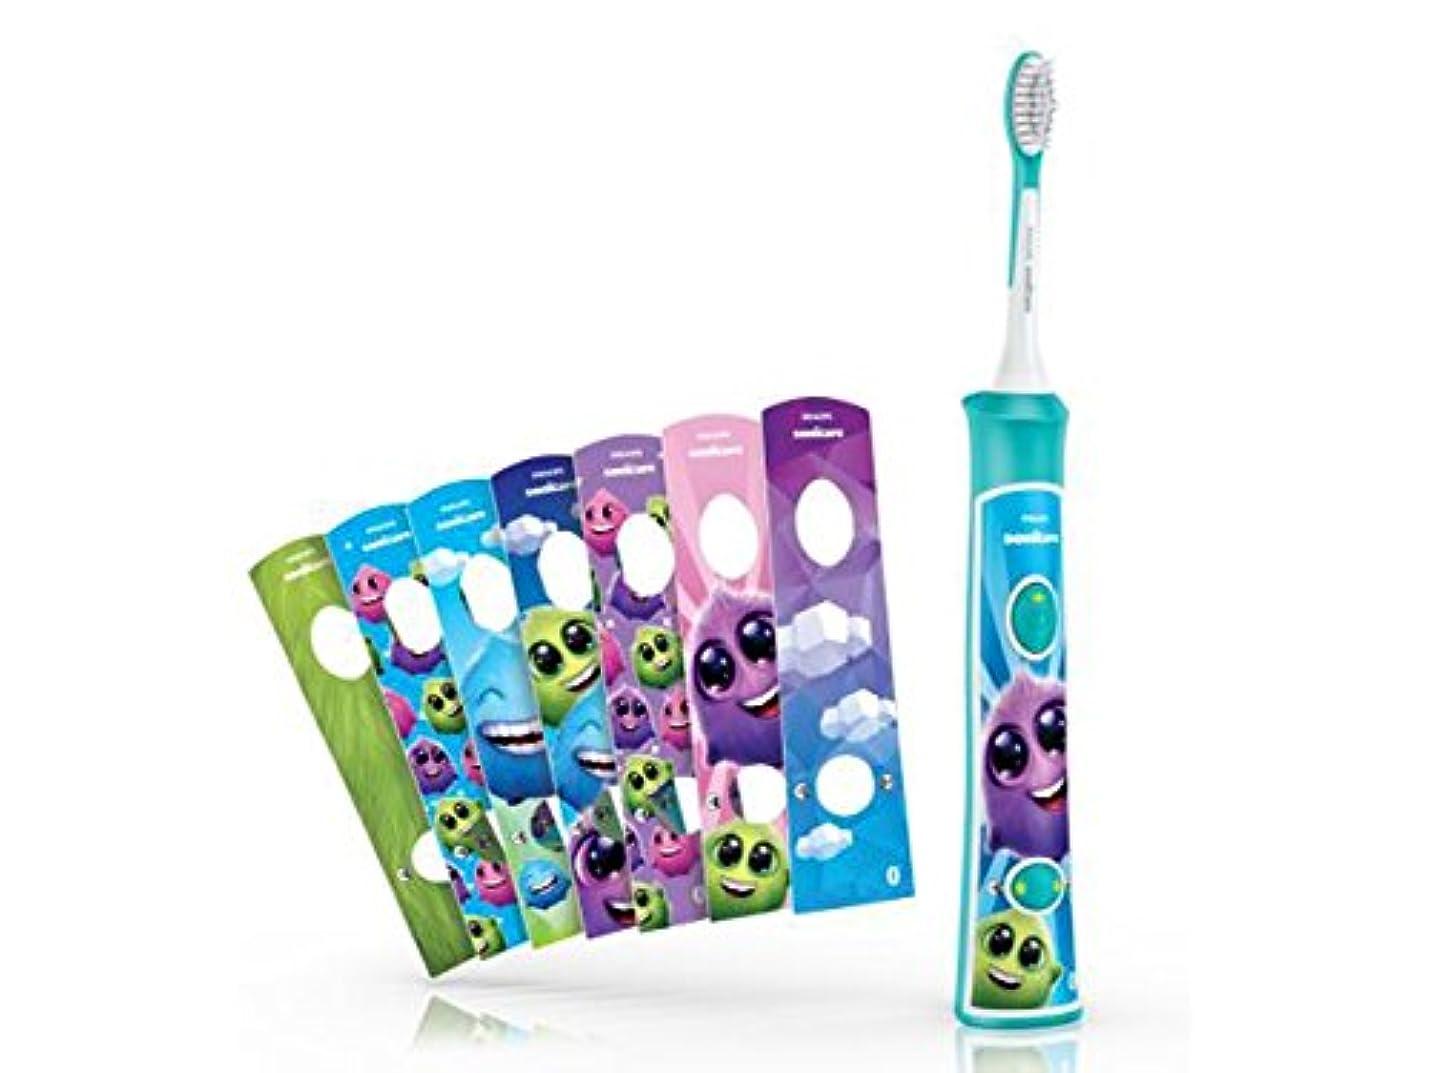 体系的に対話戸惑うフィリップス ソニッケアー キッズ こども用電動歯ブラシ アプリ連動 HX6321/03